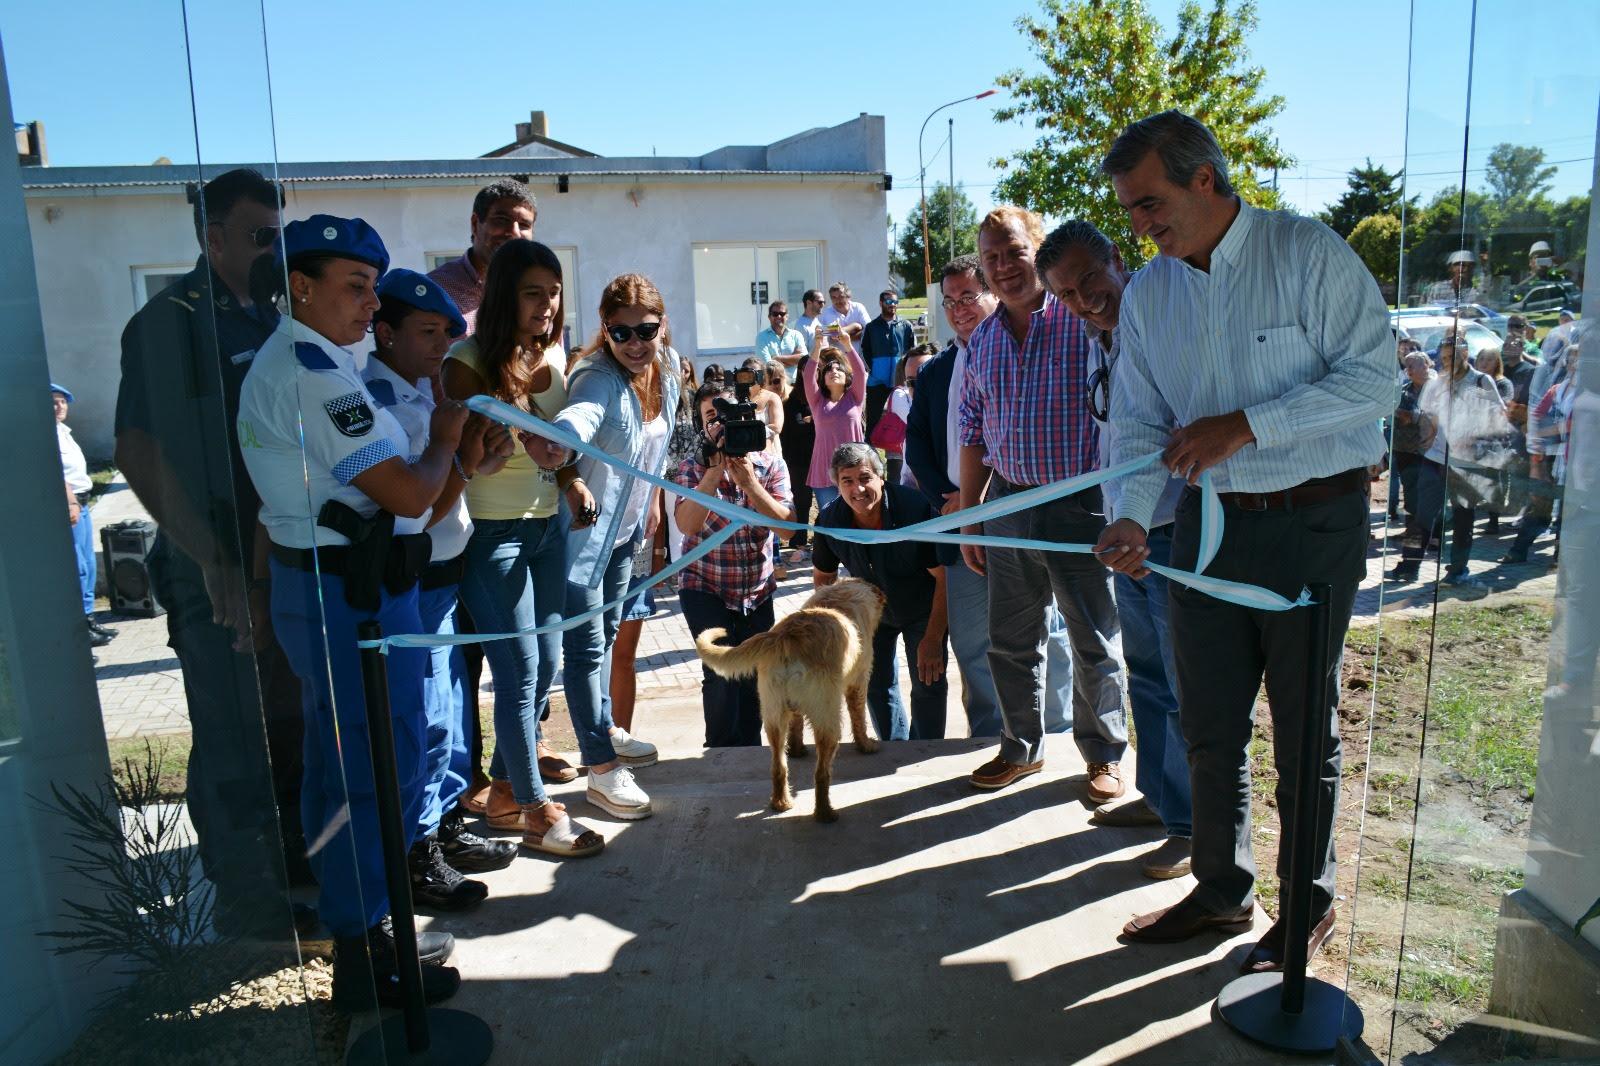 El Municipio inauguró este viernes la Comisaría de la Mujer y la Familia en el predio del antiguo zanjón del frigorífico, recuperado luego de las obras hídricas de Cuenca Este etapa I.